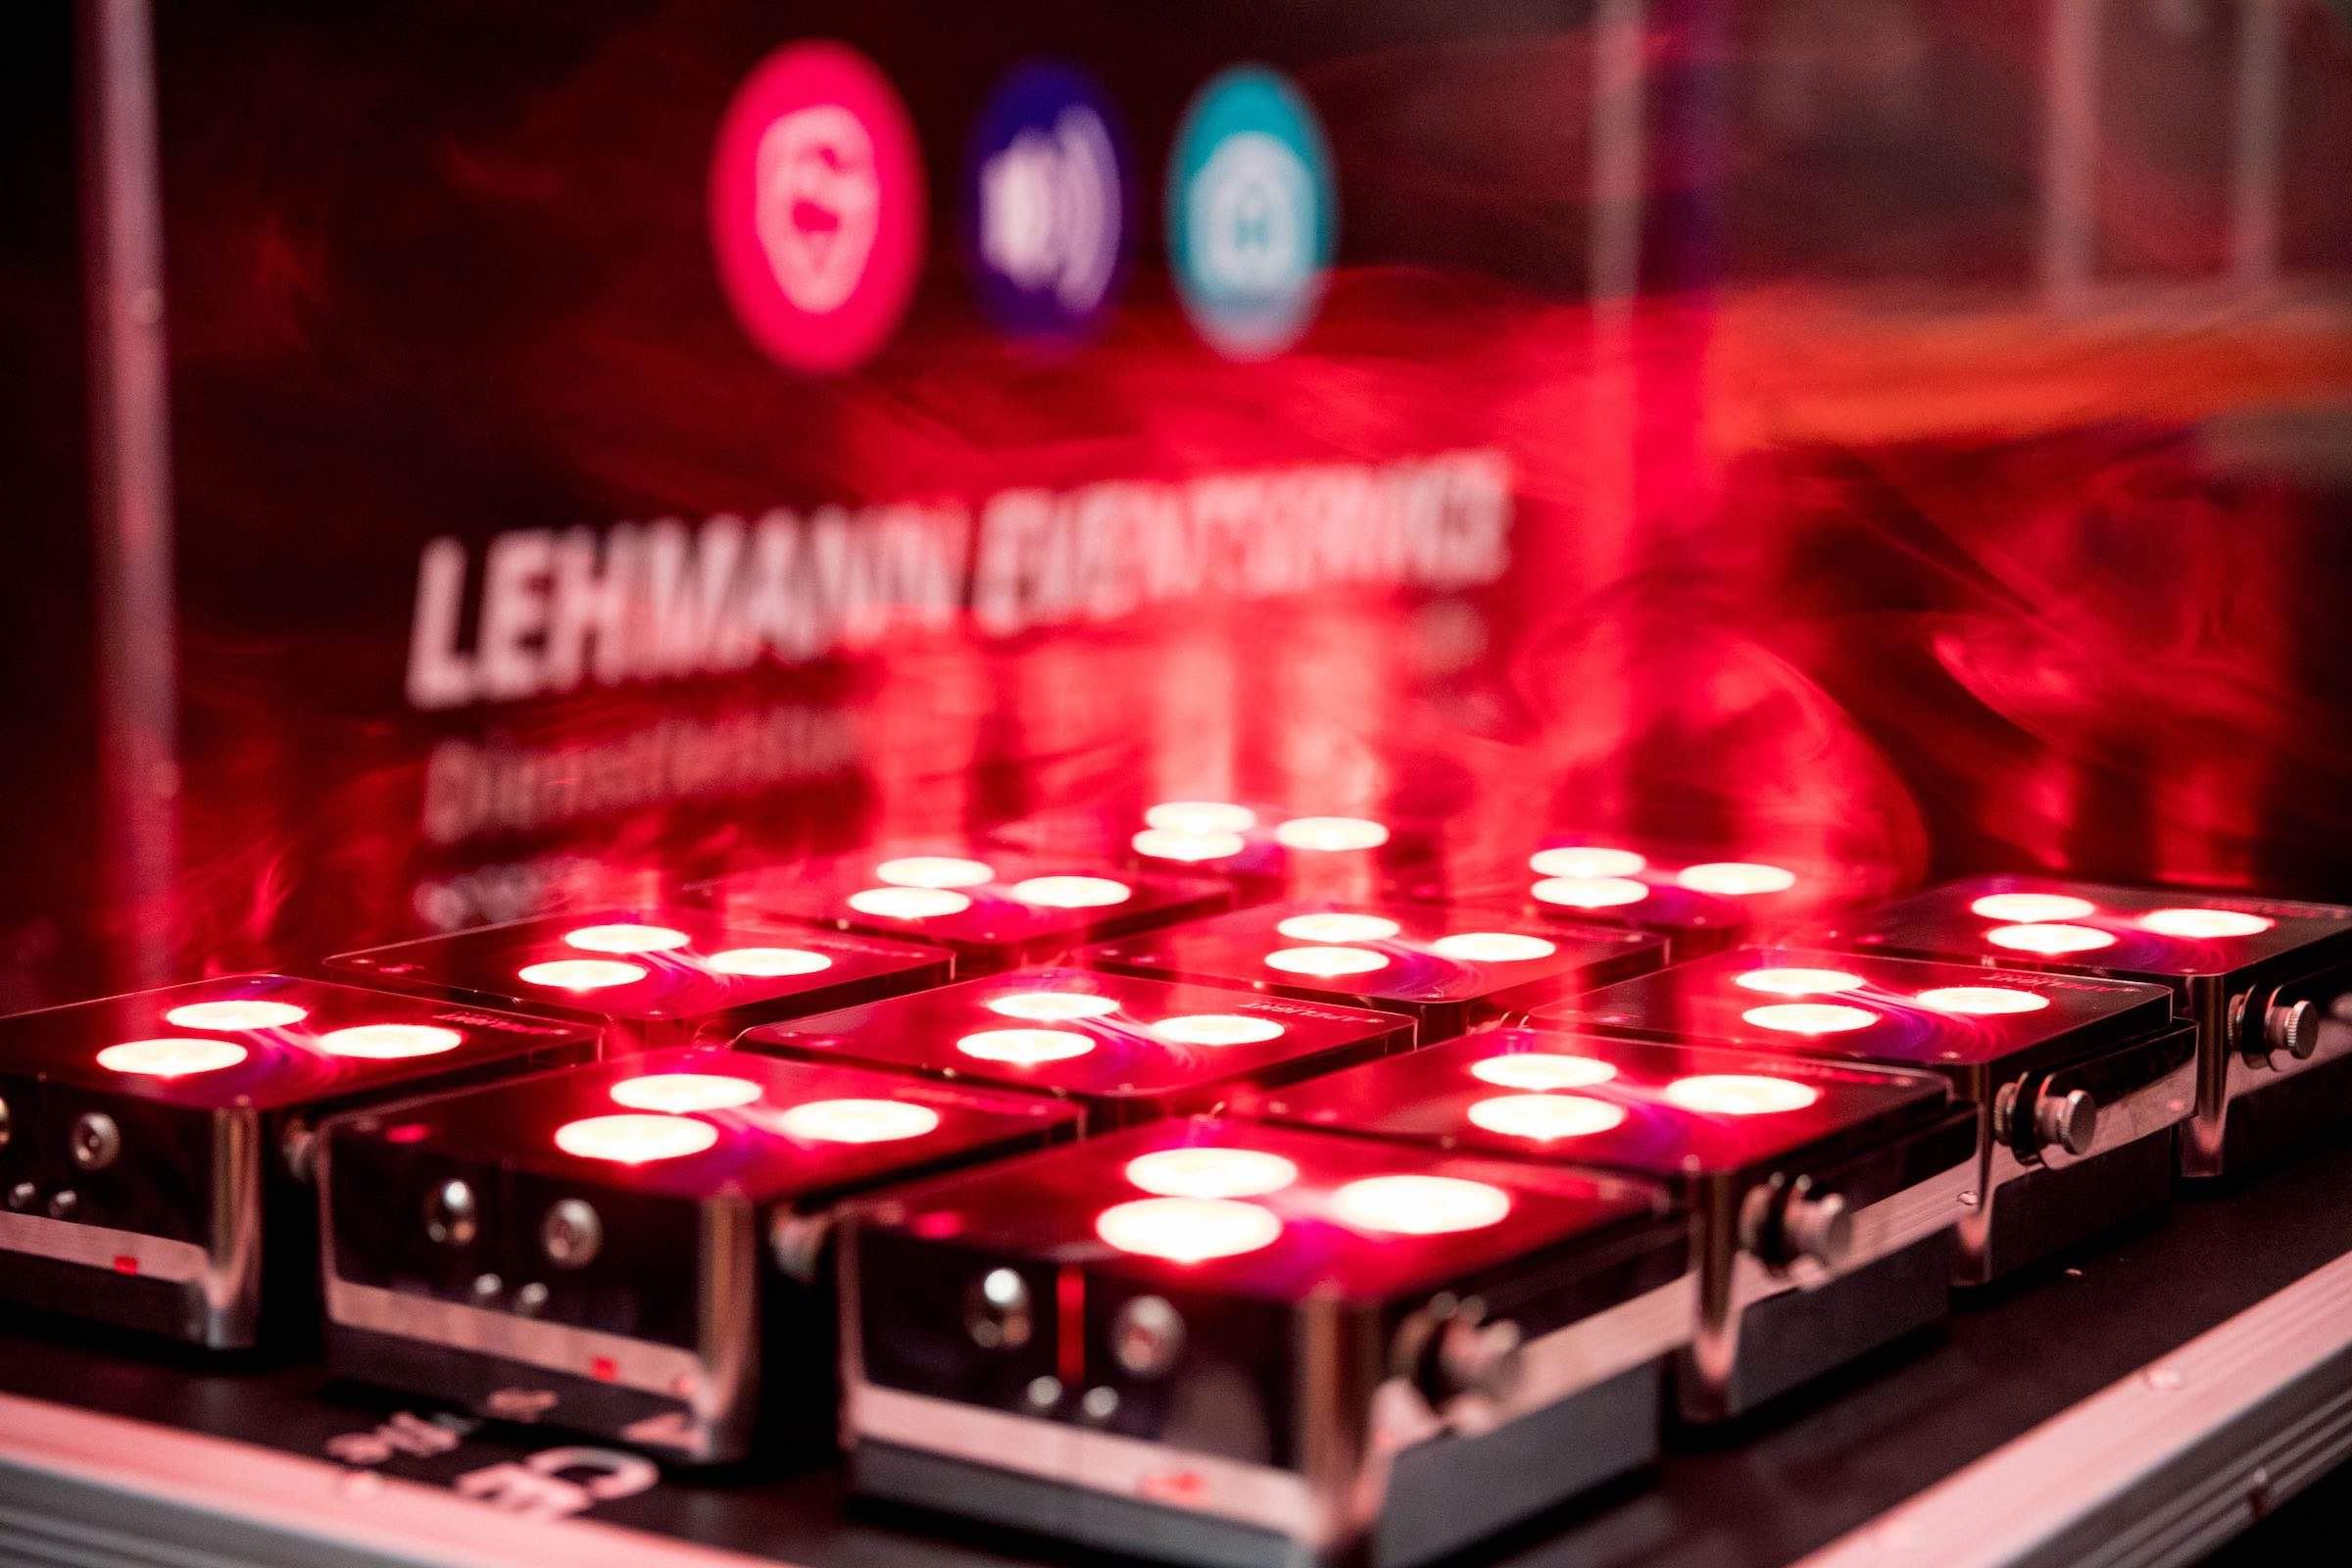 Beleuchtung | Hamburg | Eventtechnik | Akku | LED | Floorspots | Messe | Firmenveranstaltung | Indoor | Outdoor | Lichttechnik | Raumbleuchtung | Location | Uplight | Buchen | Mieten | Hamburgfeiert